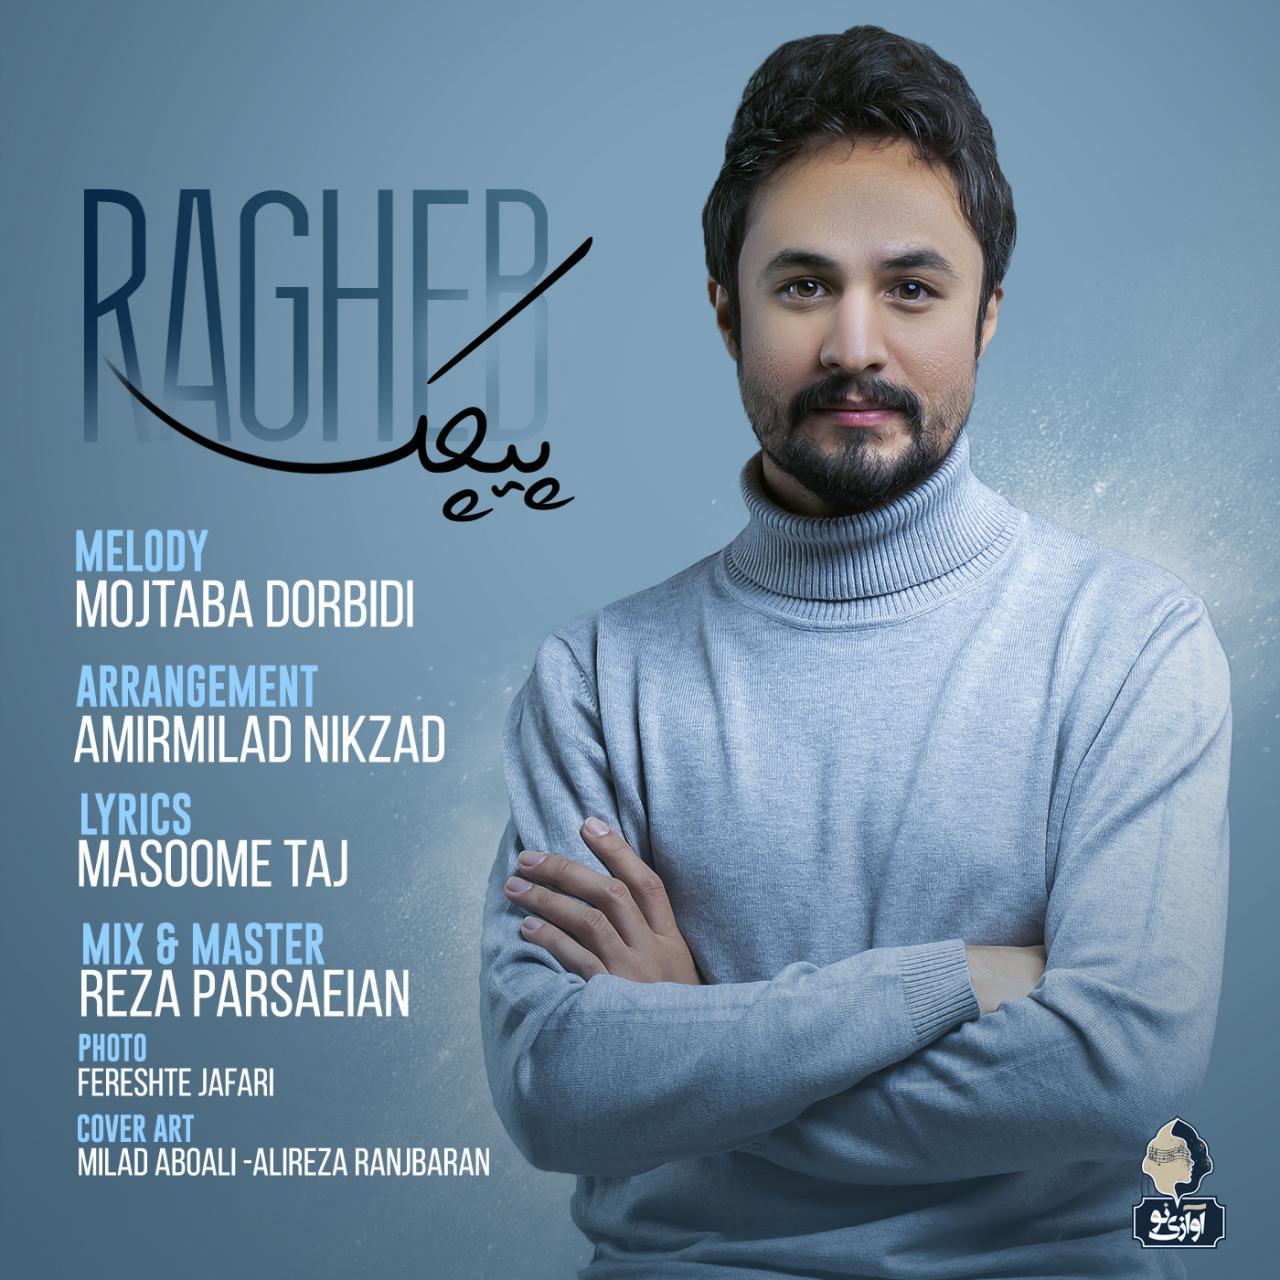 Ragheb – Pichak